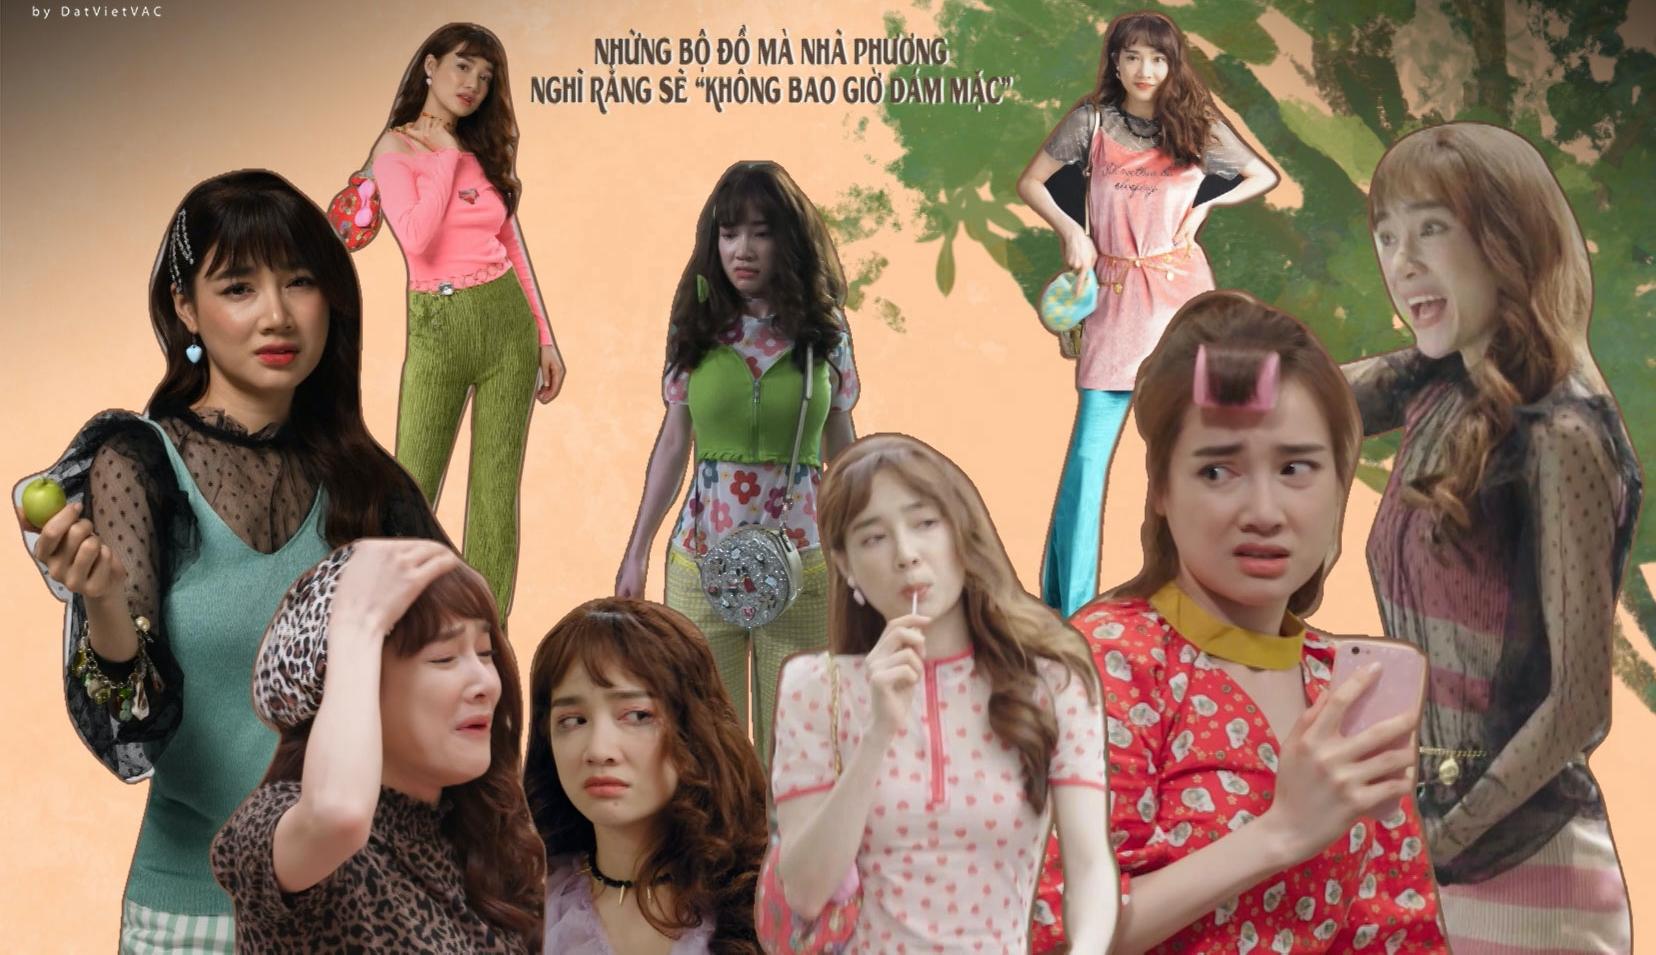 Kinh hoàng với Nhã Phương và thời trang xấu điên đảo ở Cây Táo Nở Hoa - Ảnh 2.